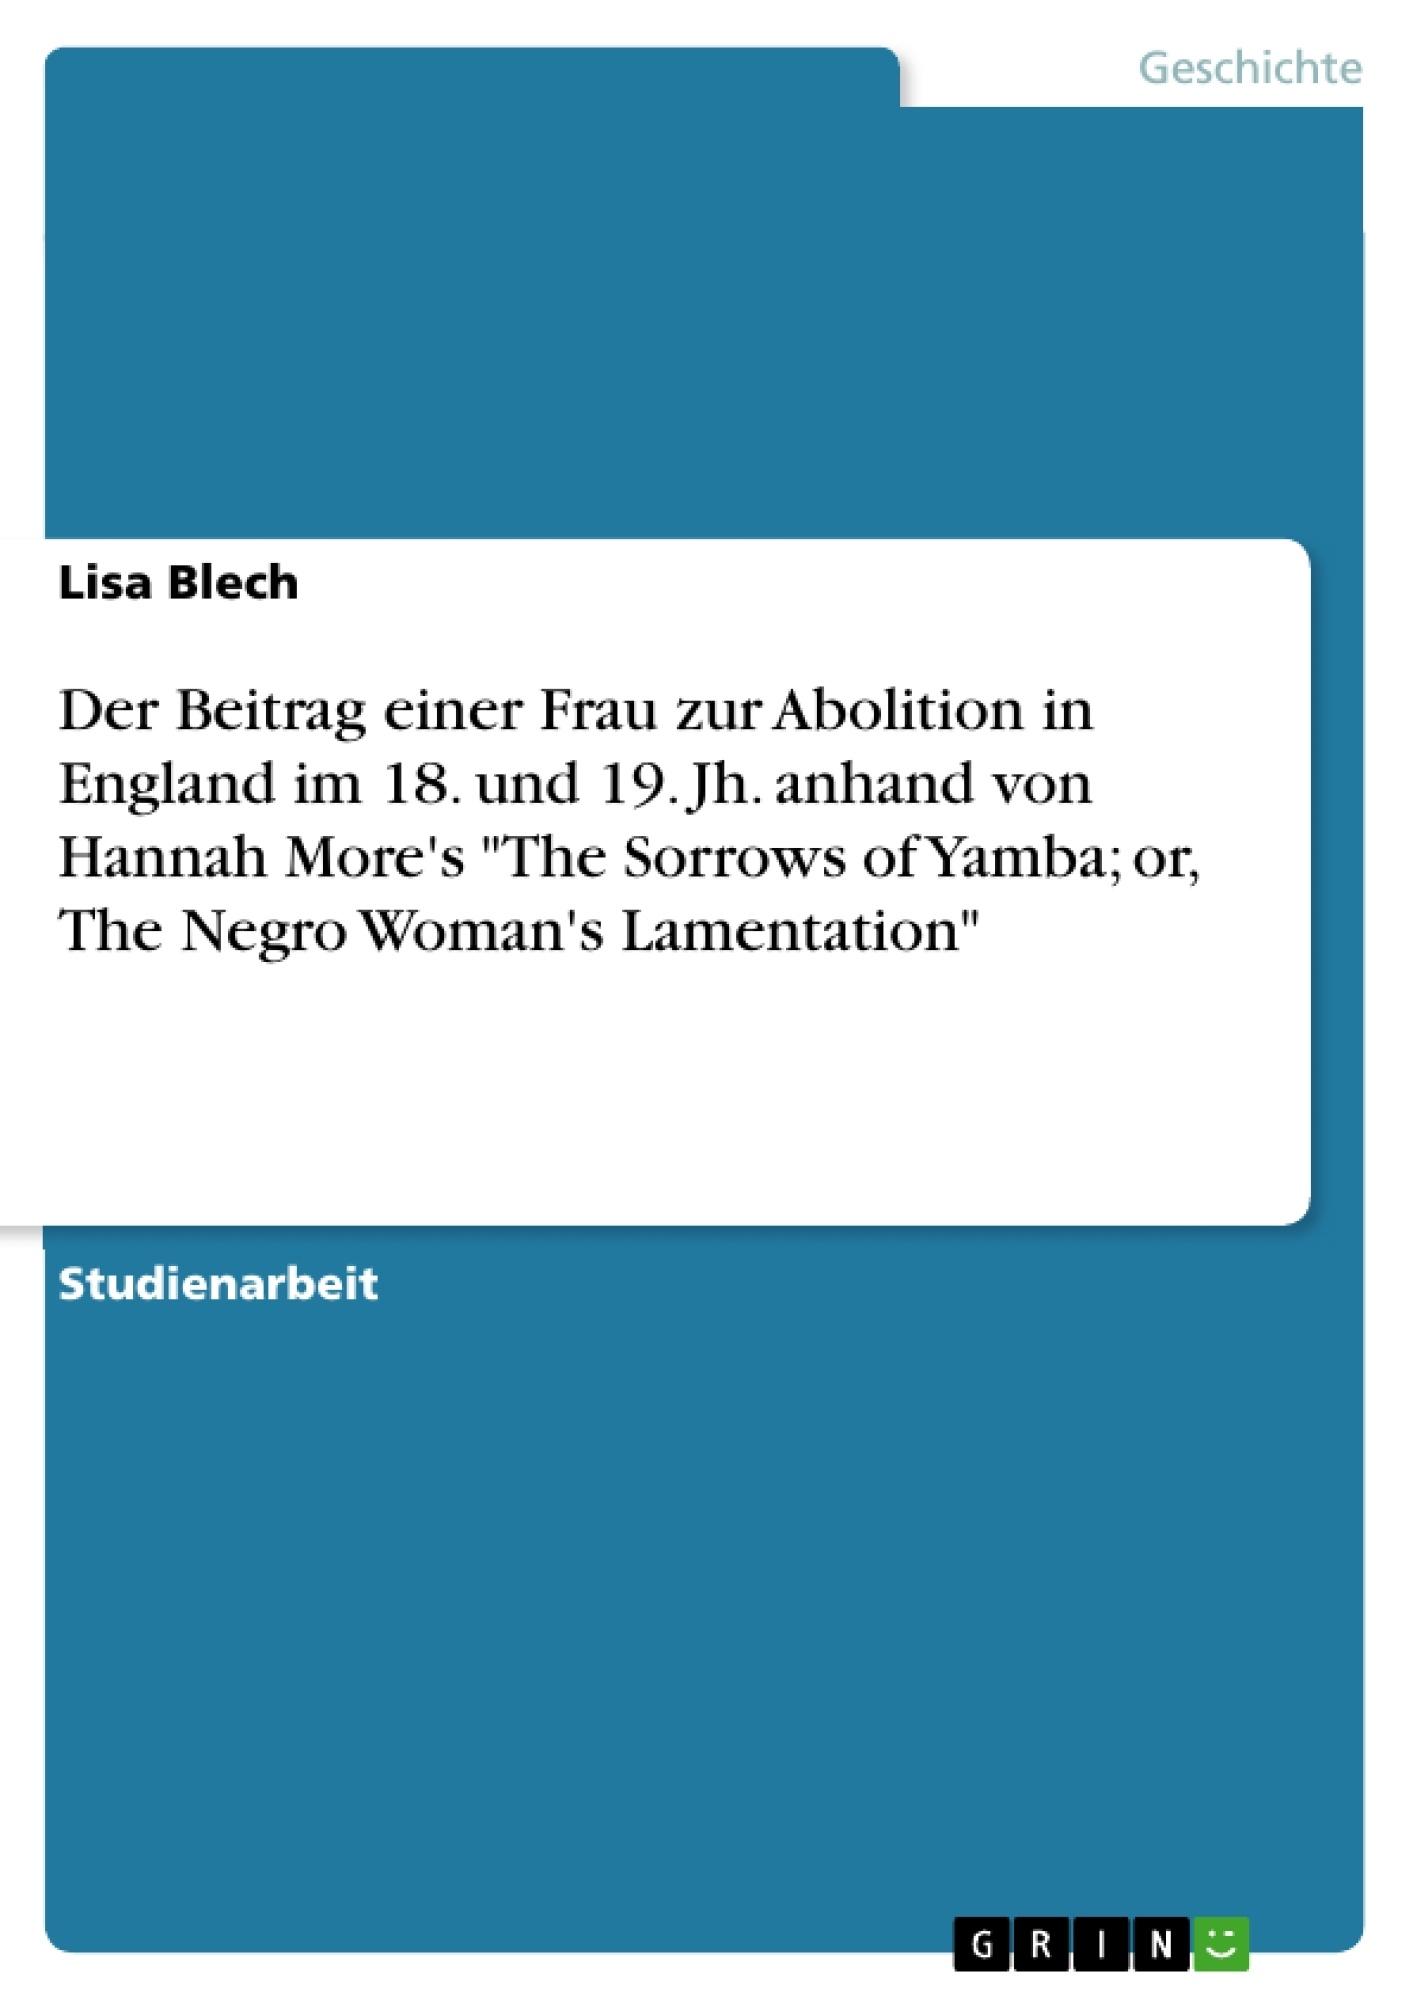 """Titel: Der Beitrag einer Frau zur Abolition in England im 18. und 19. Jh. anhand von Hannah More's """"The Sorrows of Yamba; or, The Negro Woman's Lamentation"""""""